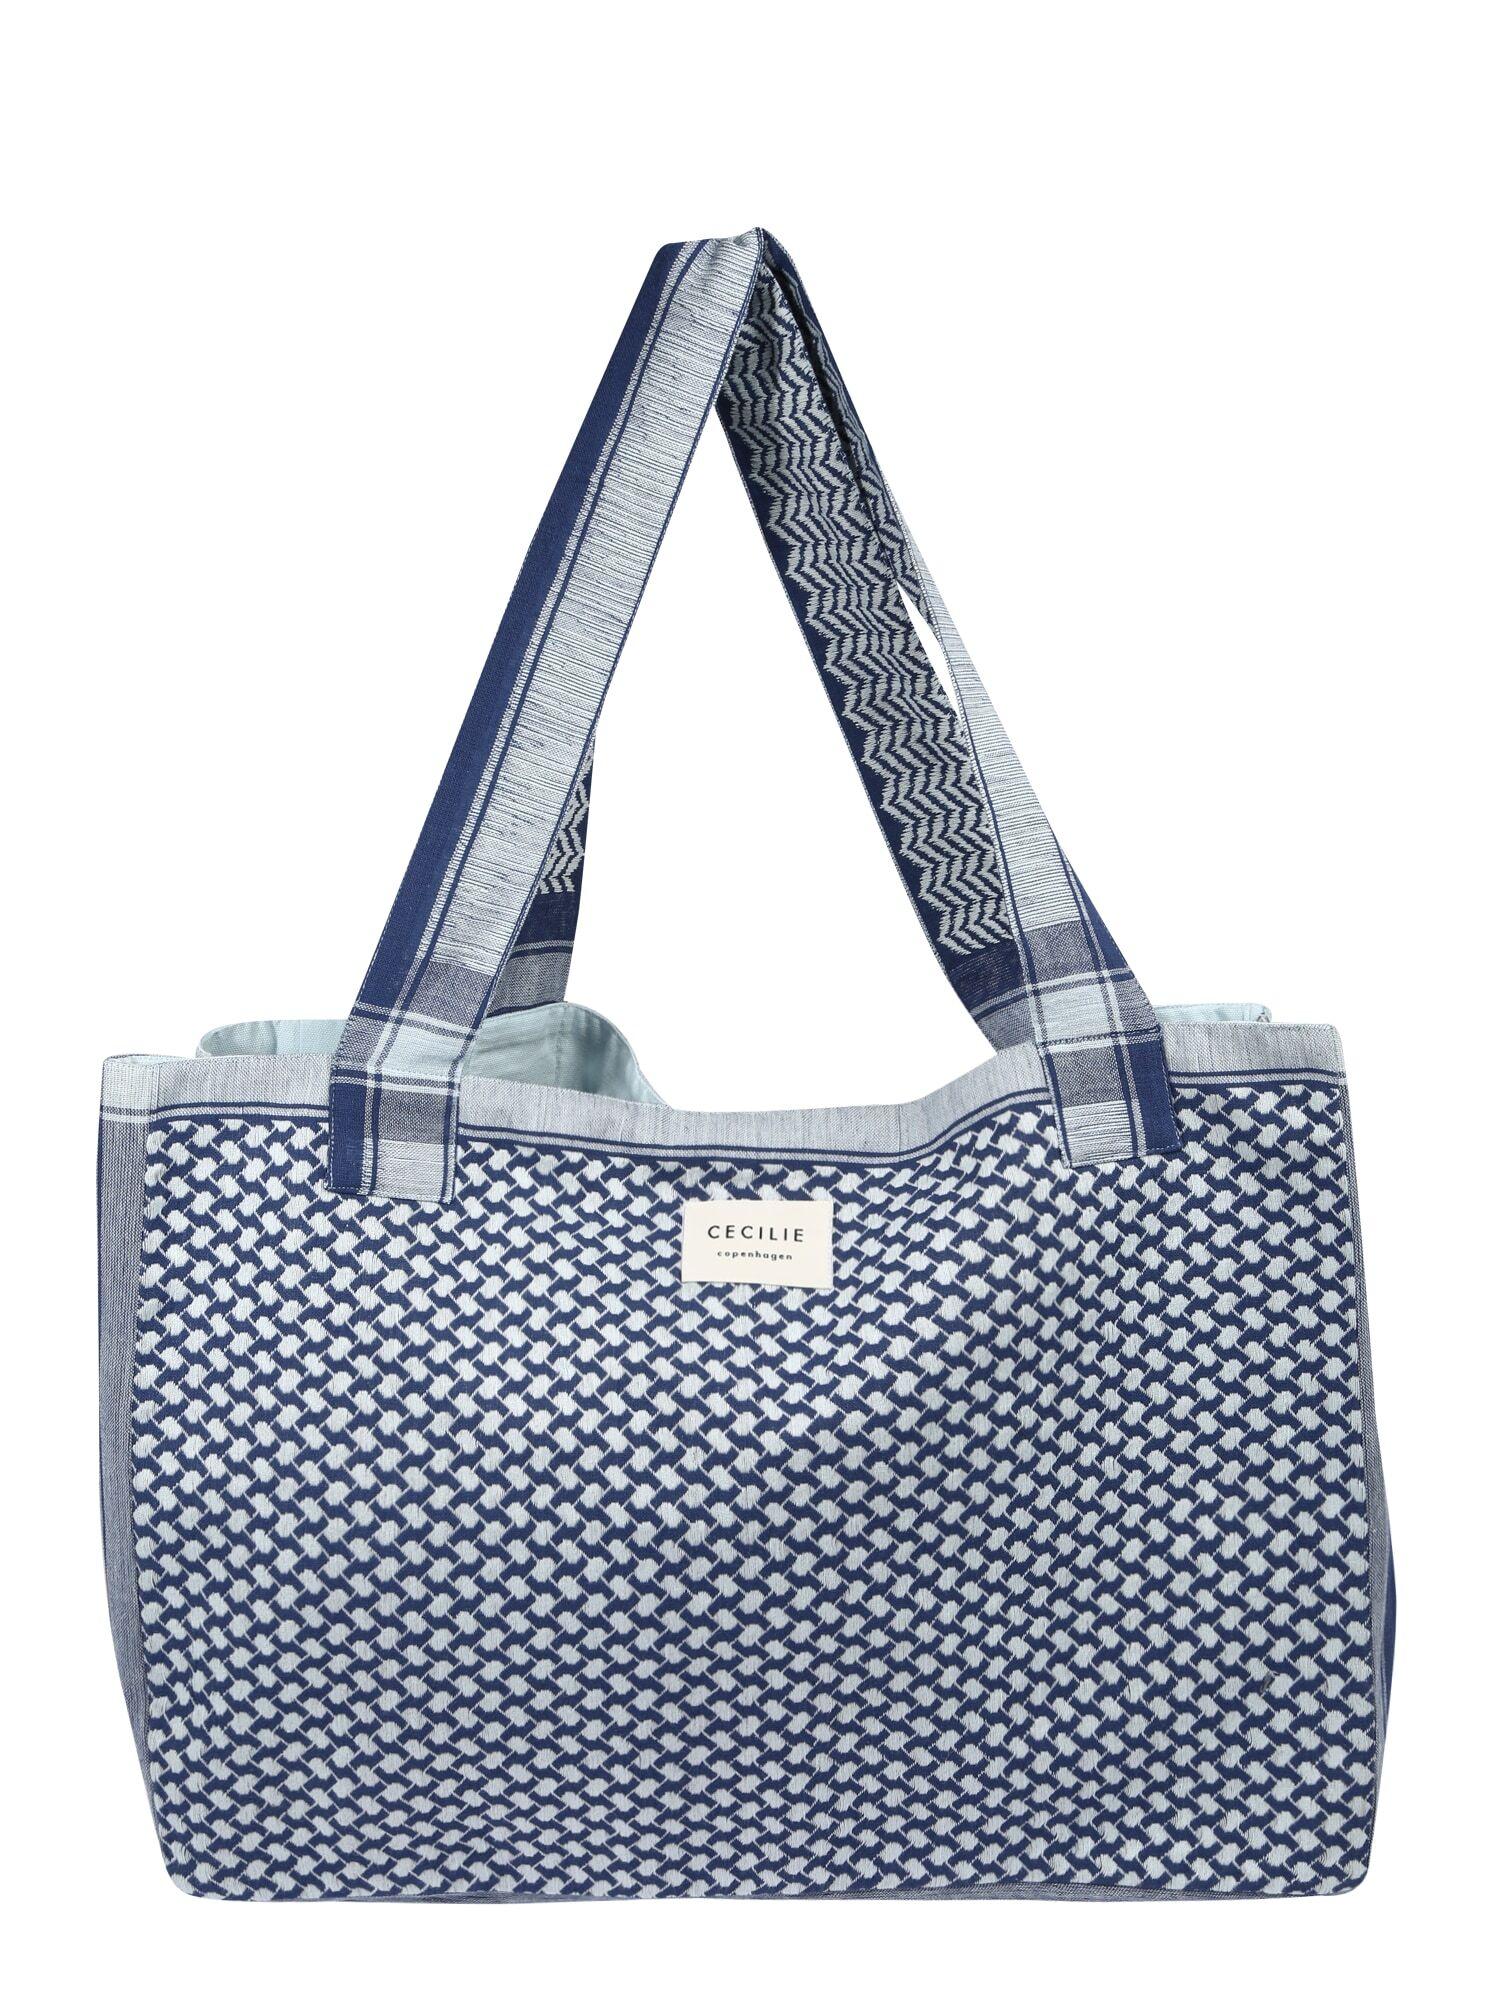 cecilie copenhagen shopper 'bag large signature' blu